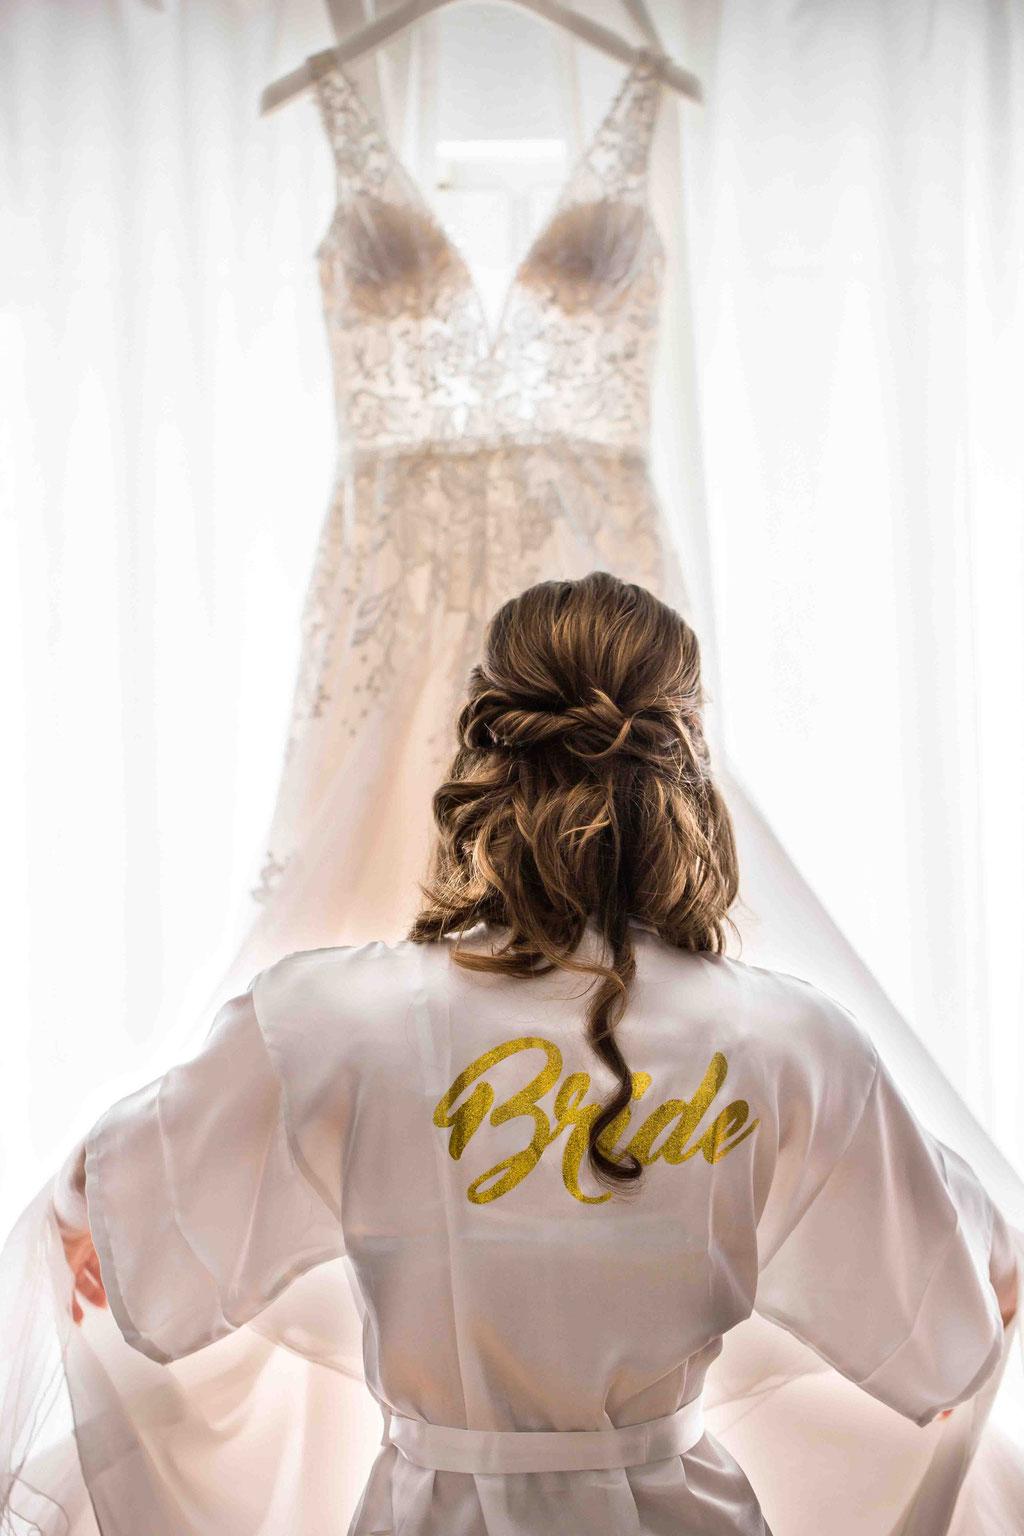 Hochzeit: Weststadtbar Darmstadt, Mainzer Straße 106, 64293 Darmstadt - Hochzeitsfotograf, Bewunderung Hochzeitskleid an der Hochzeit, Vorbereitung der eigenen Hochzeit, Braut anziehen